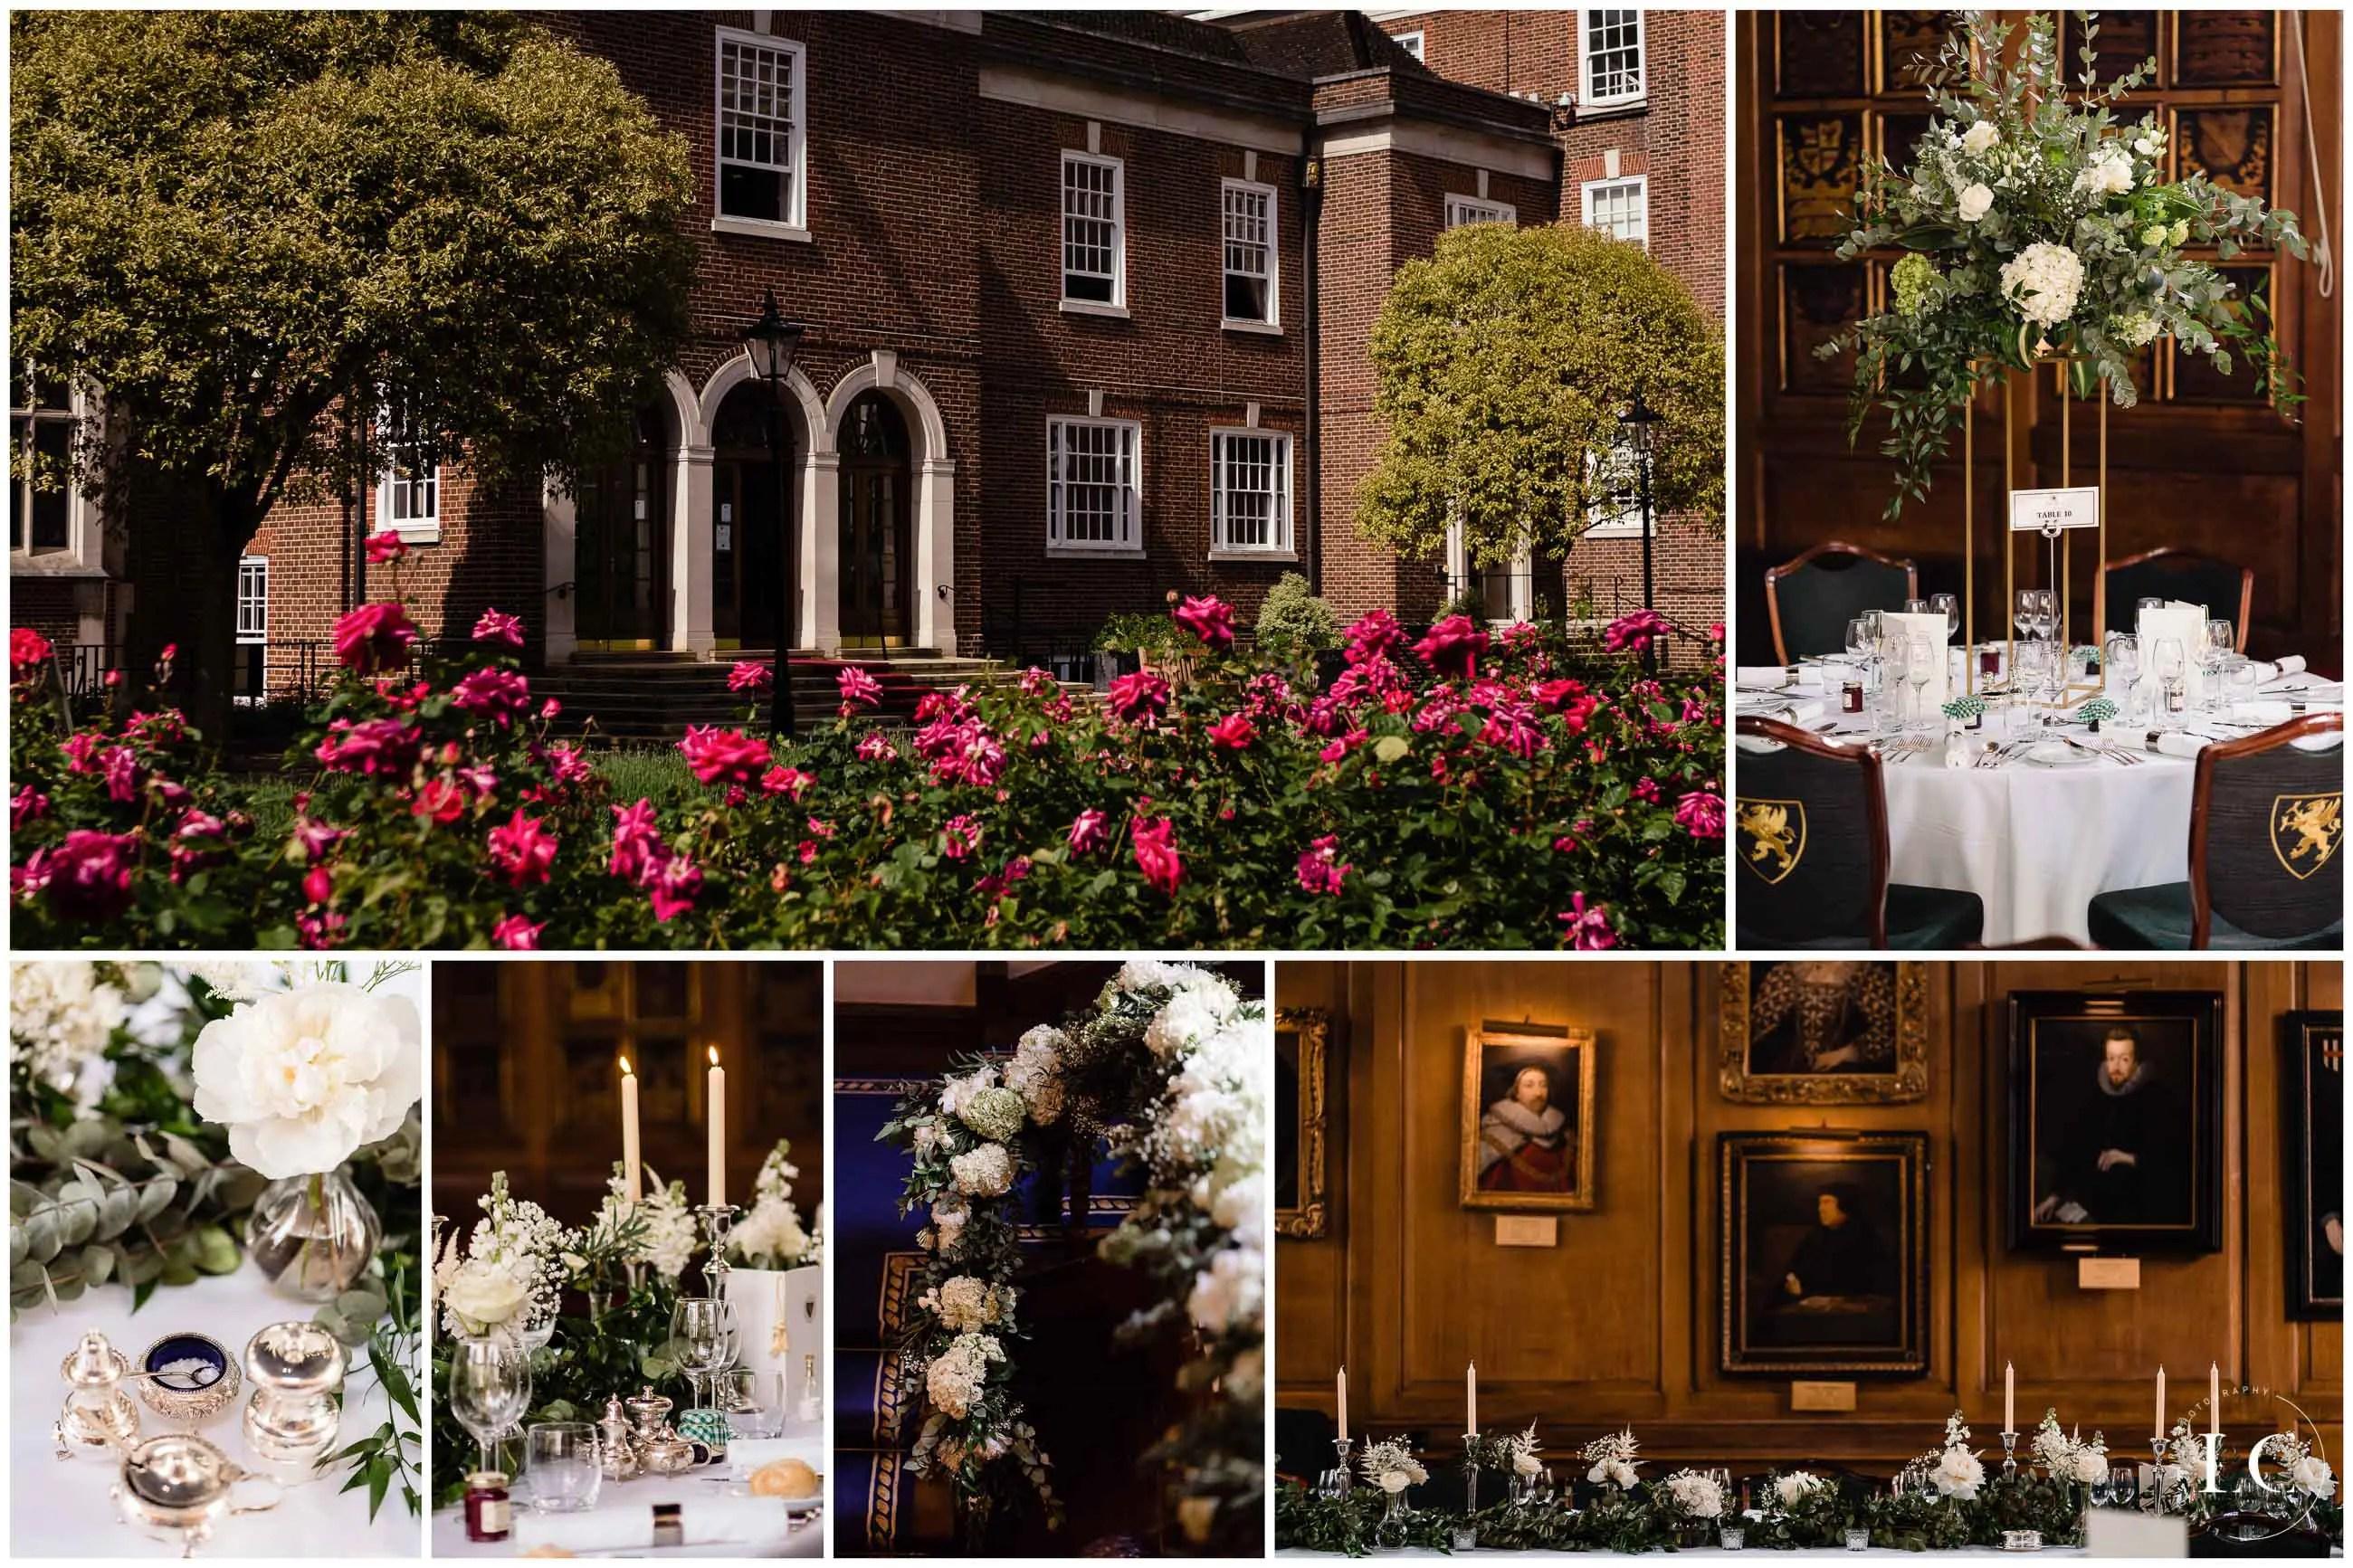 Collage of wedding venue